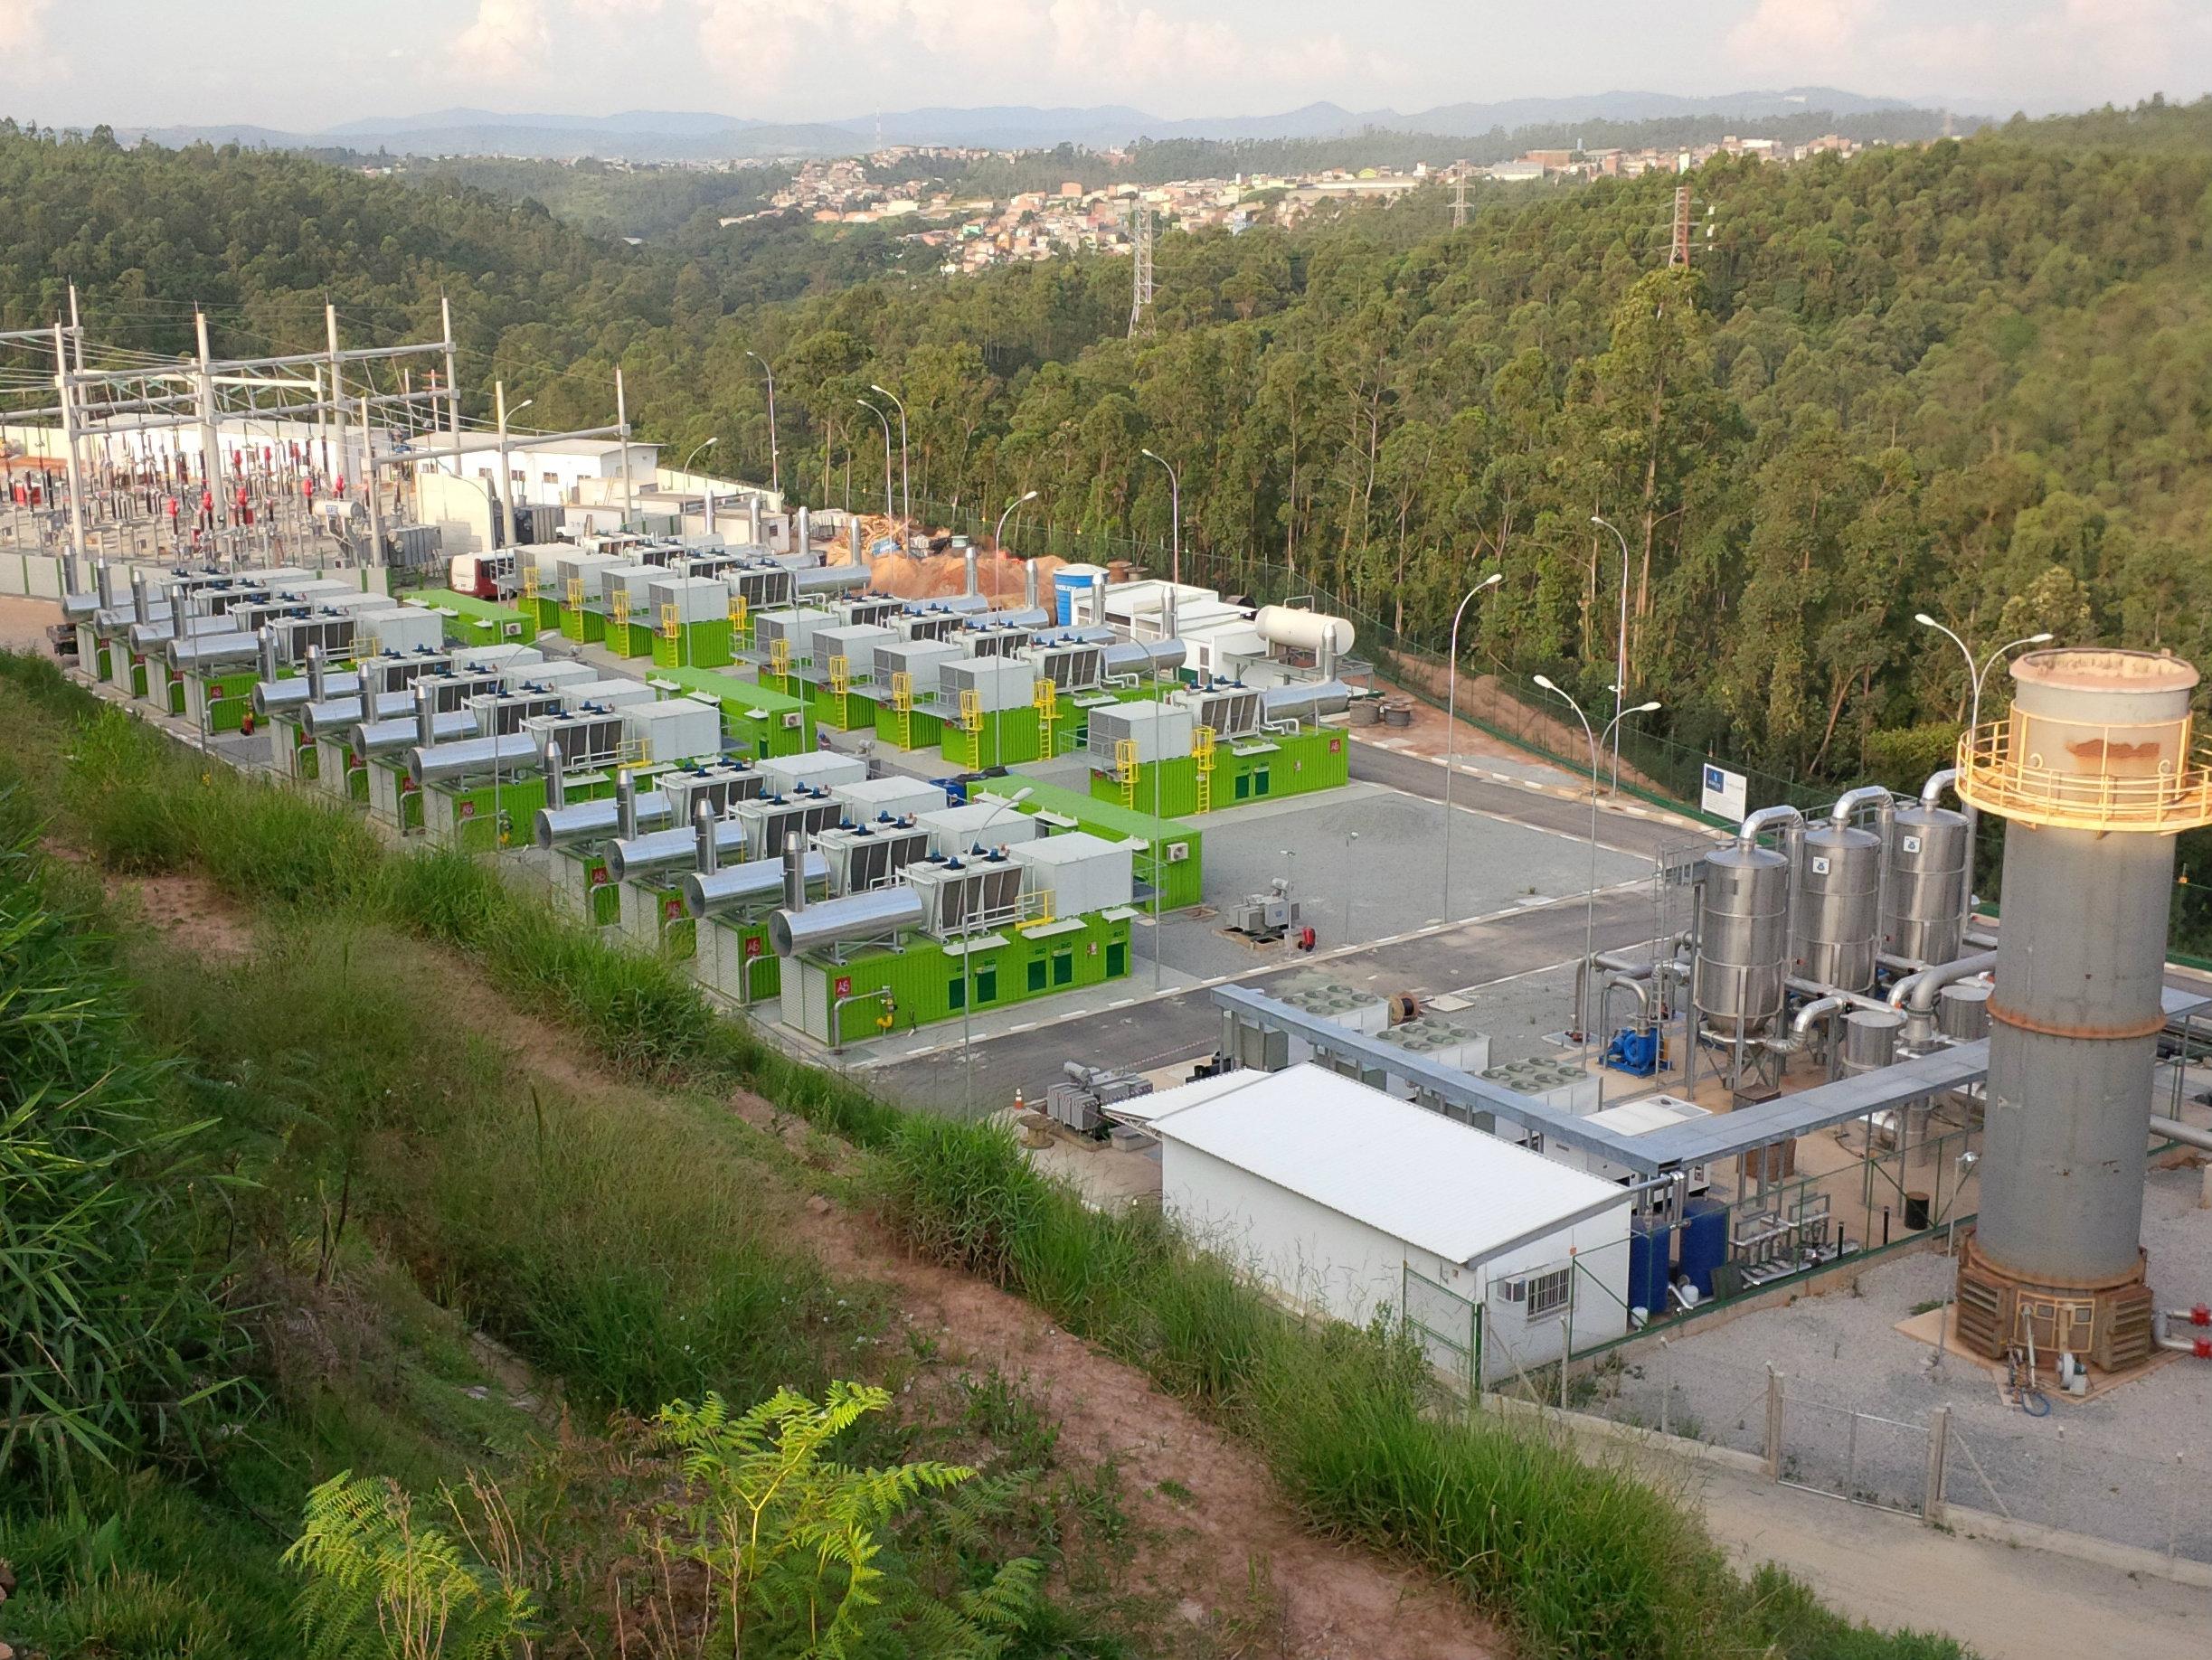 Usina de bioenergia em funcionamento no Brasil